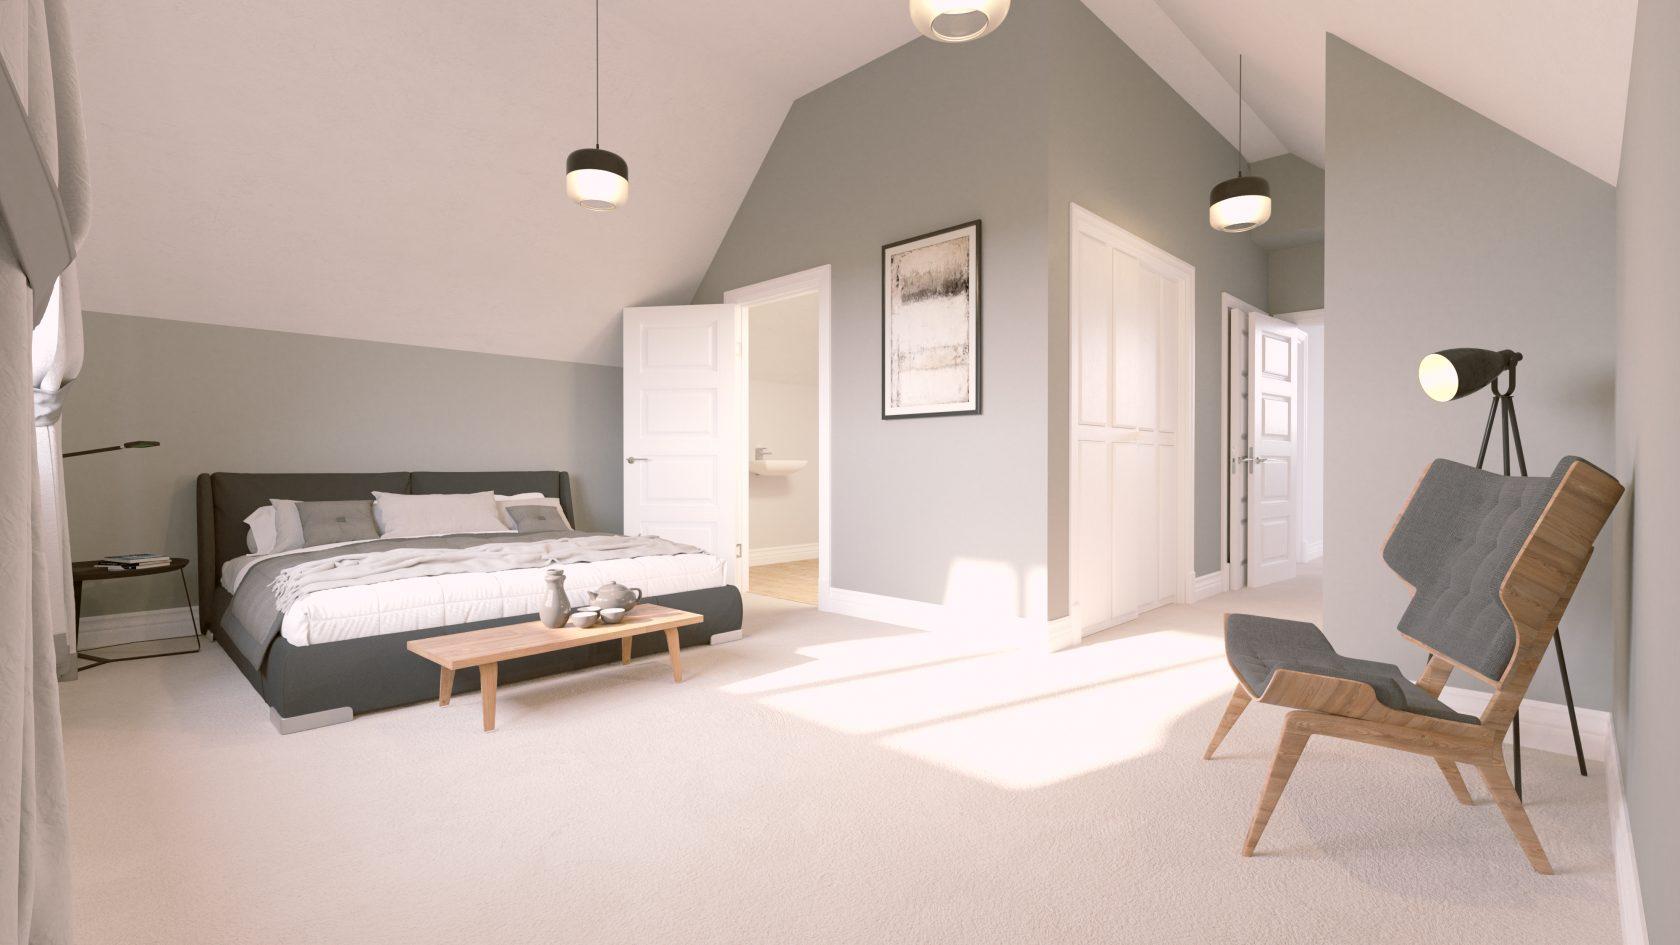 UNIT A Bedroom